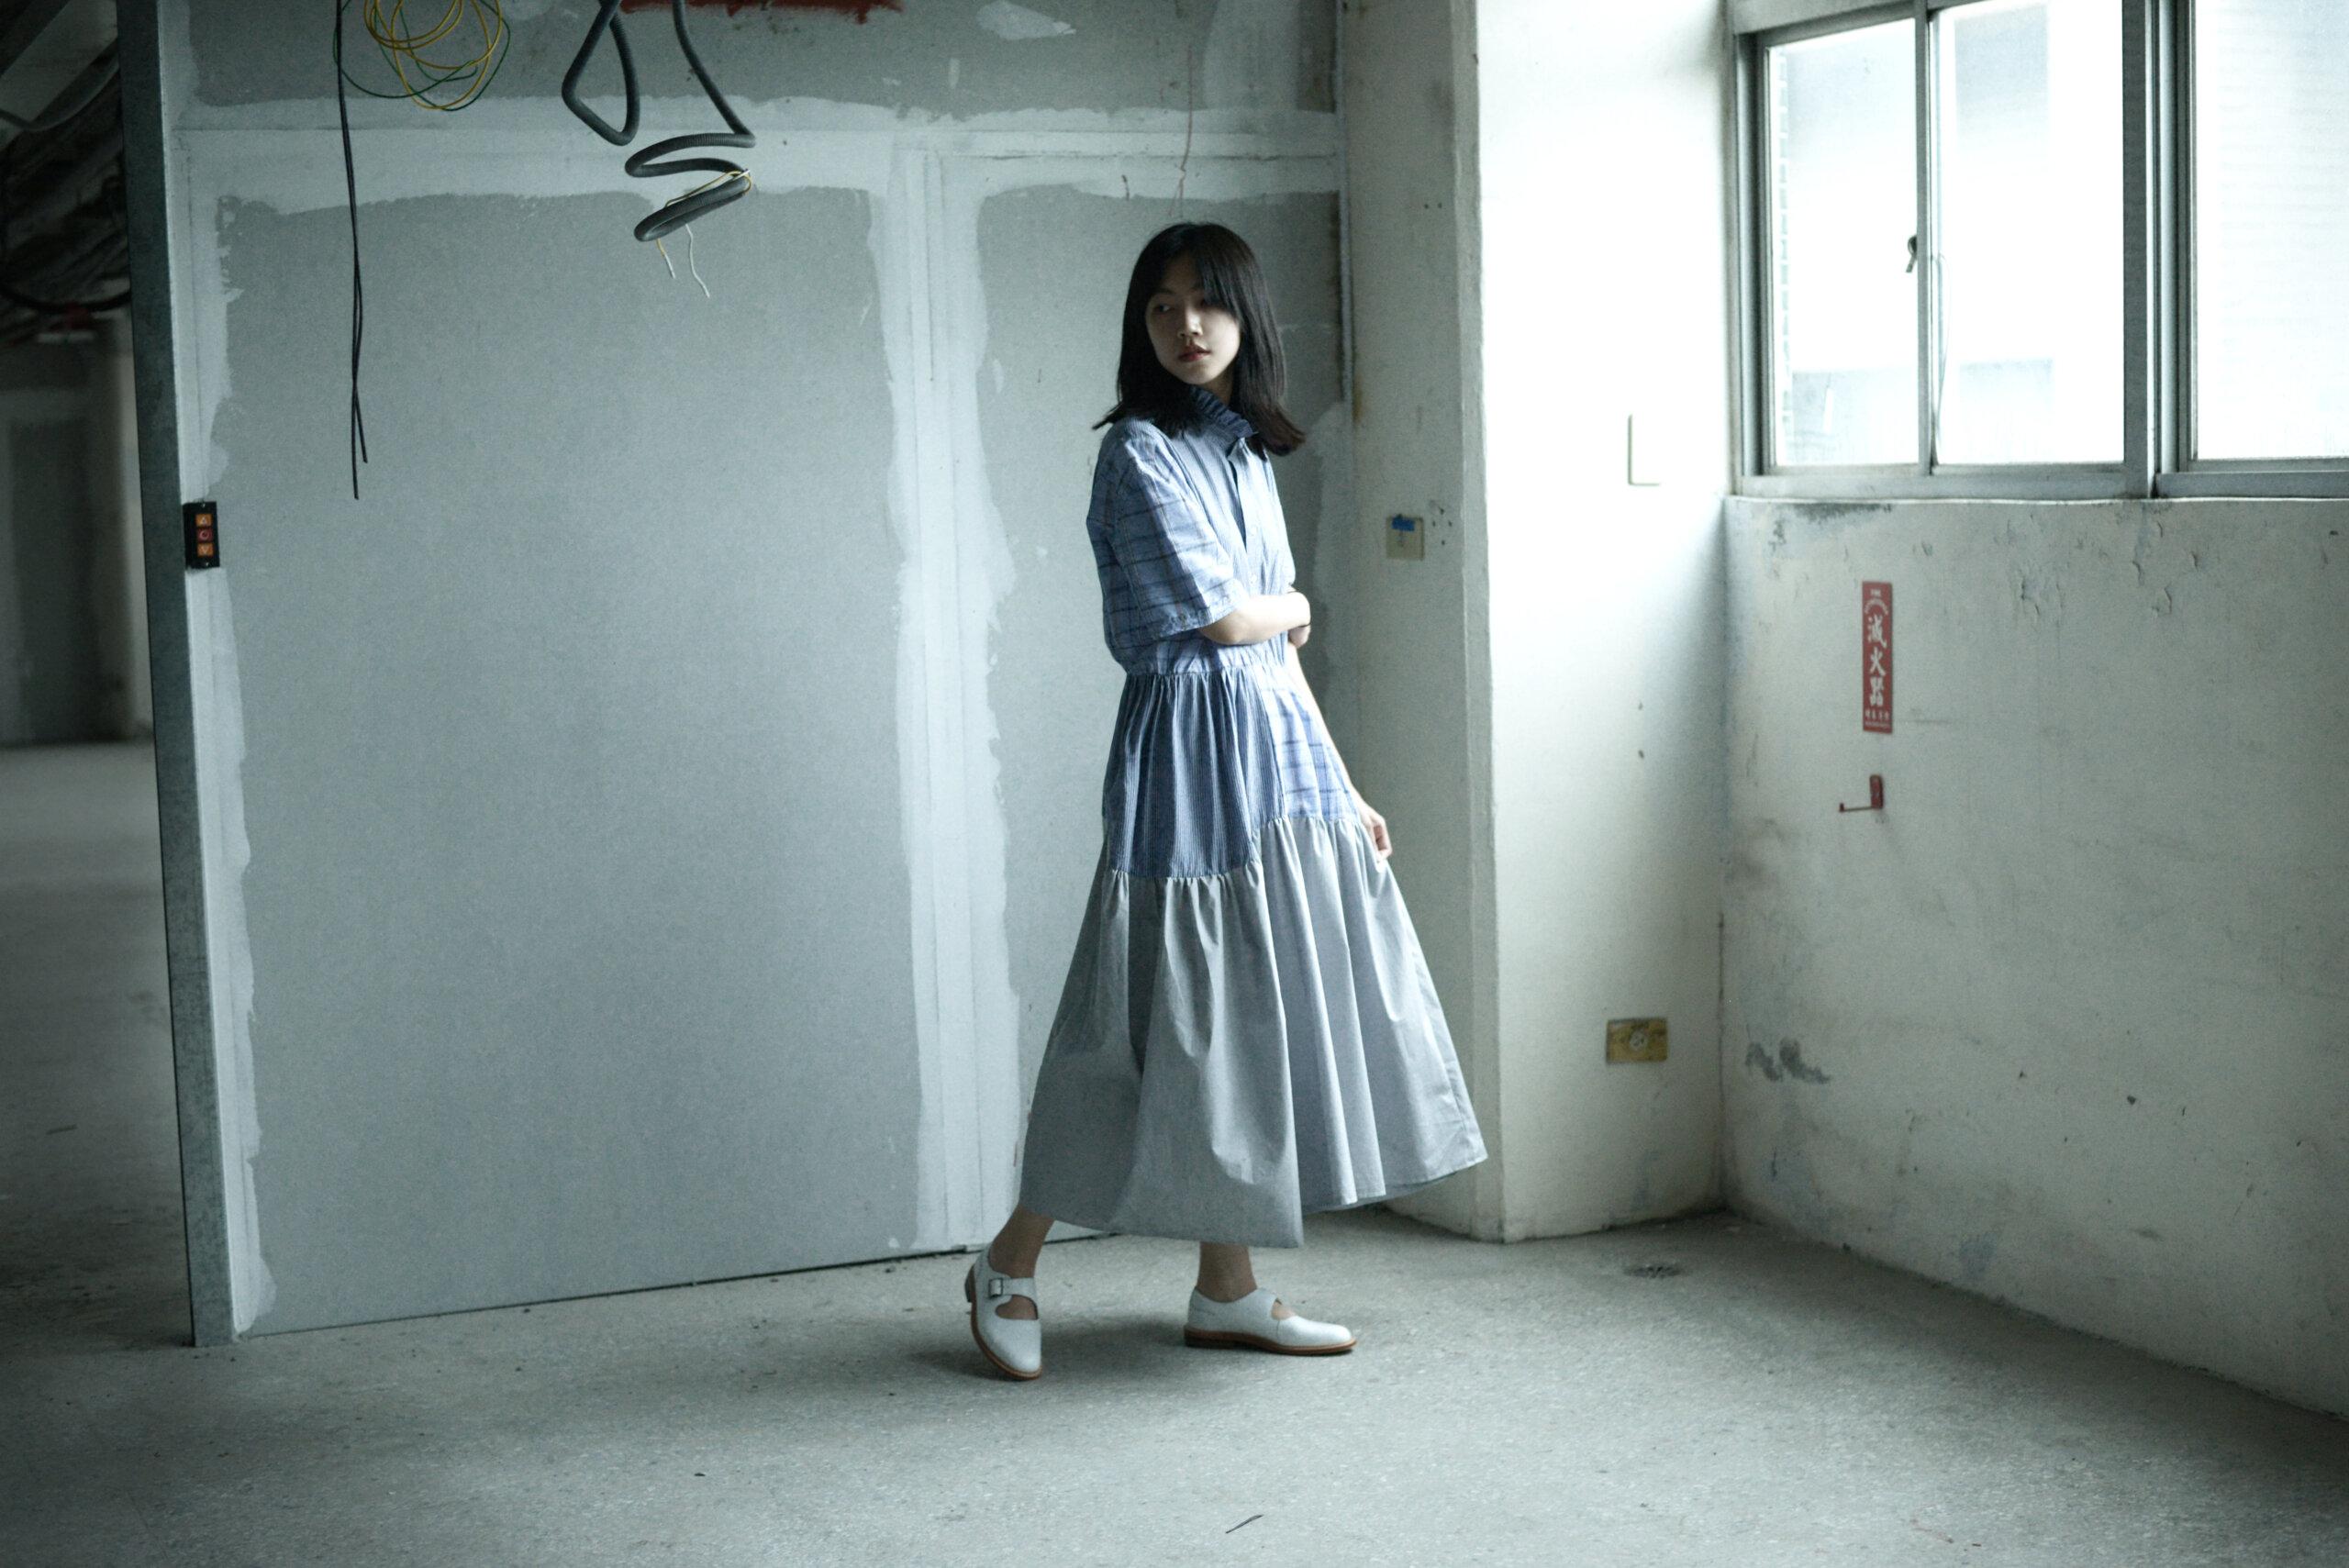 古著,vintage,Old clothes,復古,古著重製,設計,手做,親自設計,解構,拼接